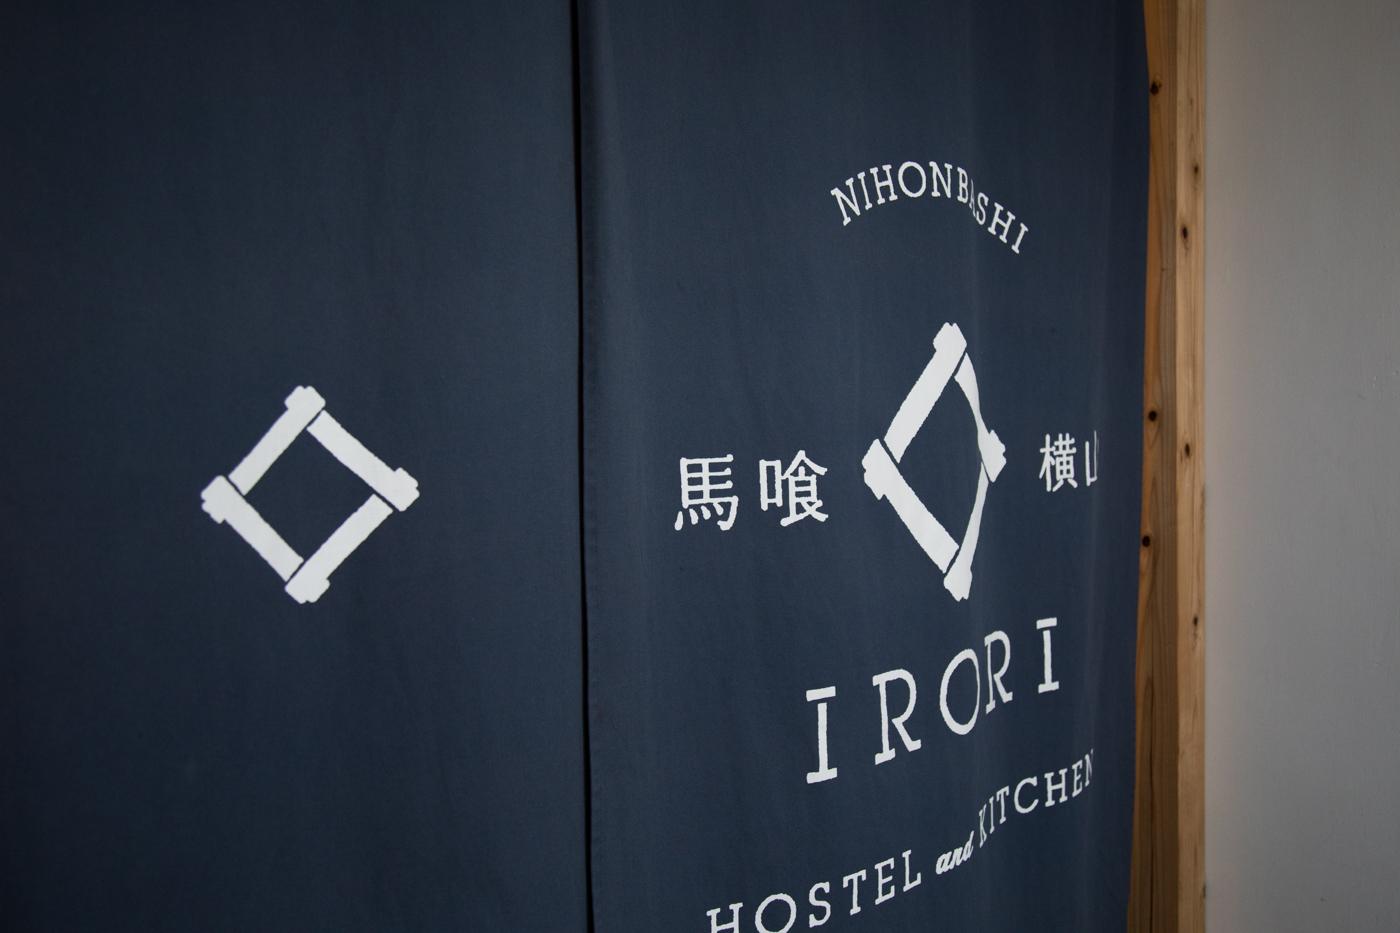 5.東京に到着!ゲストハウスは楽しい。(東京)